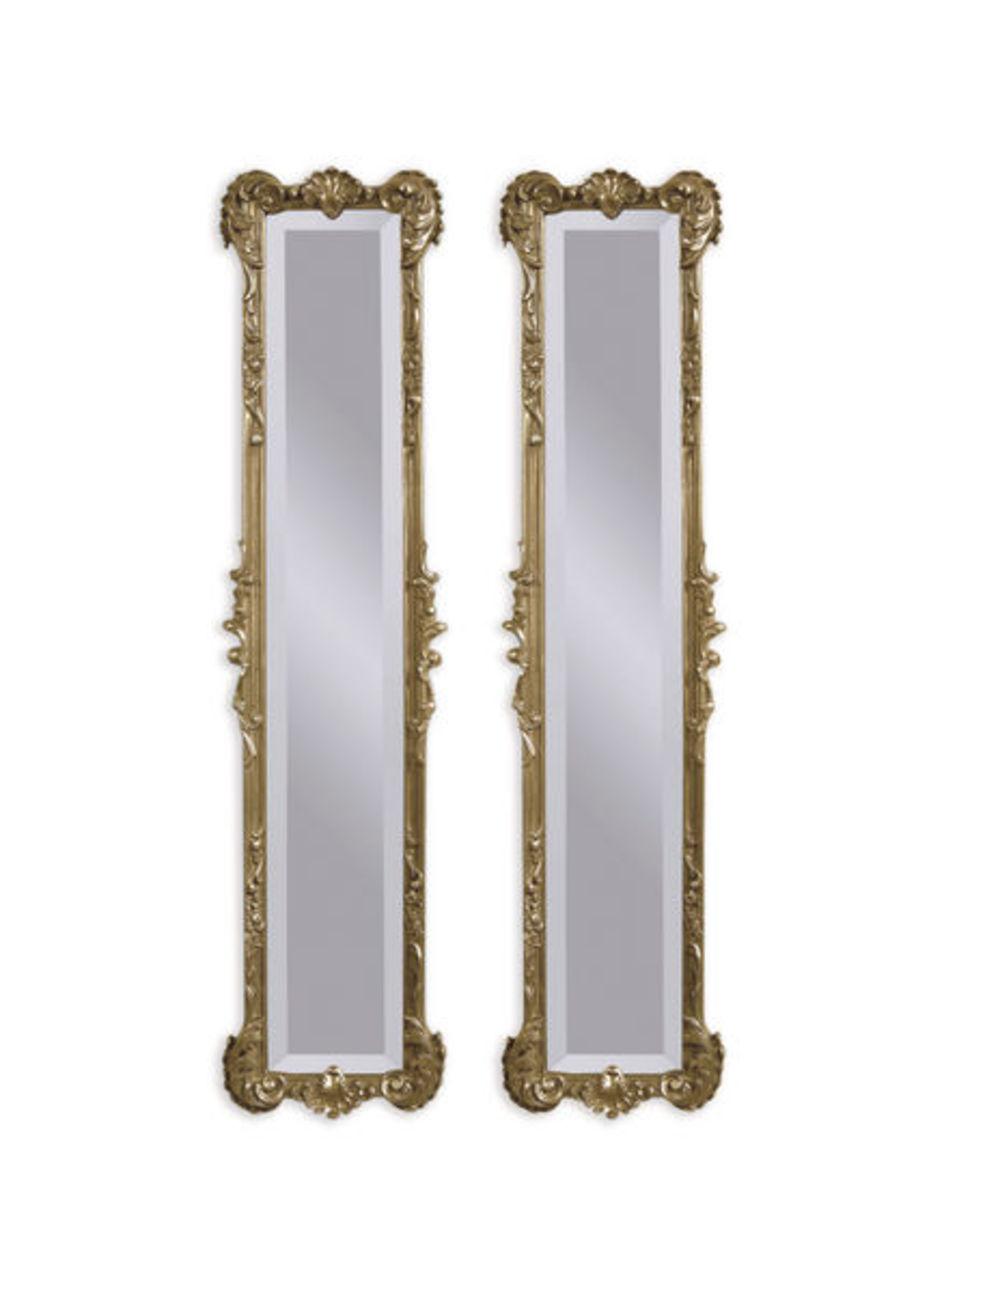 Bassett Mirror Company - Helena 2 Panel Mirrors